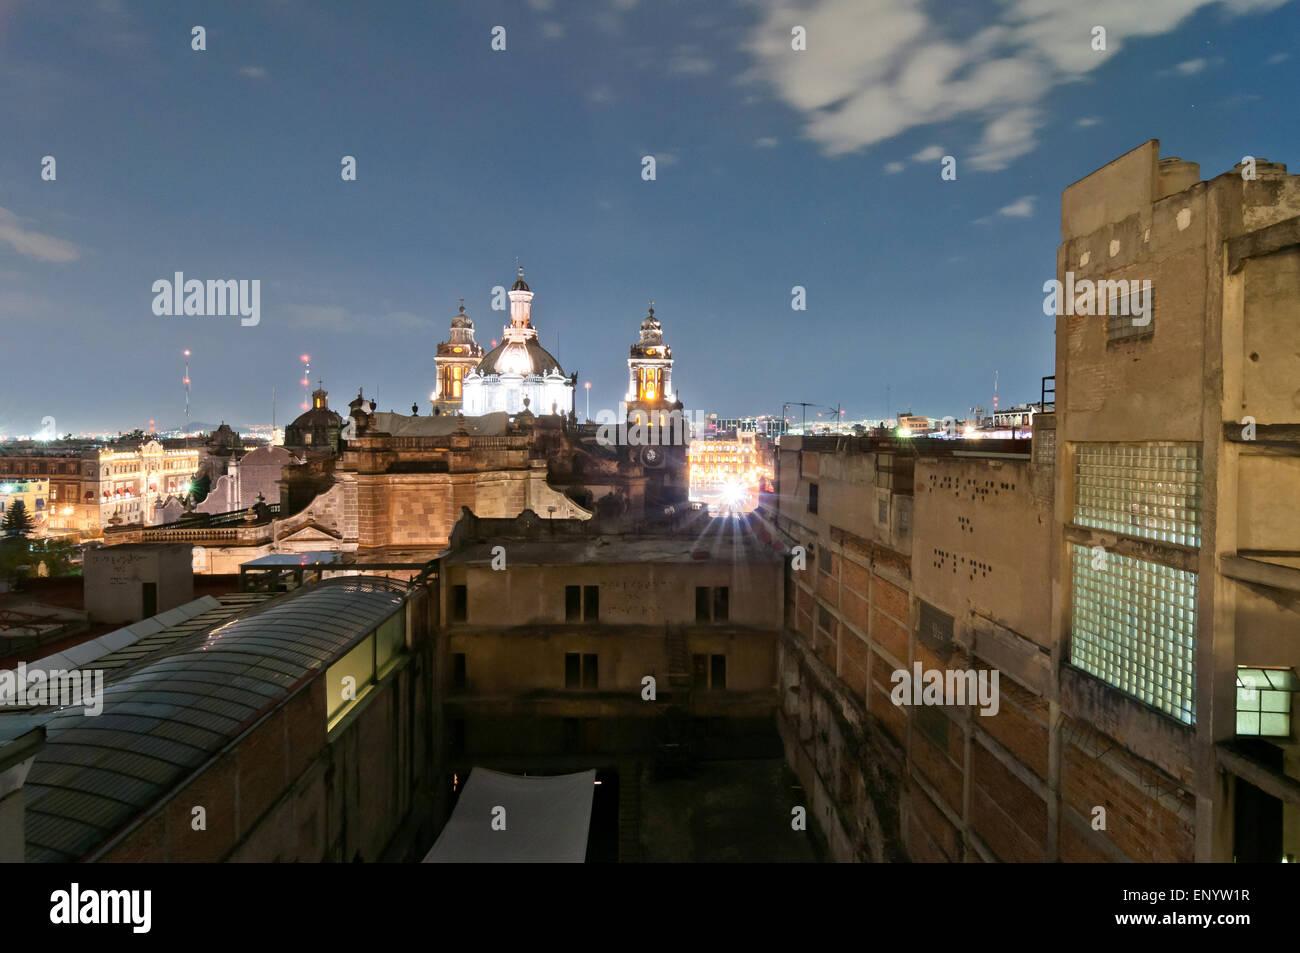 La ville de Mexico, Mexique - 29 Avril 2014: night view of skyline avec lumineuses suburban barrios en arrière Photo Stock